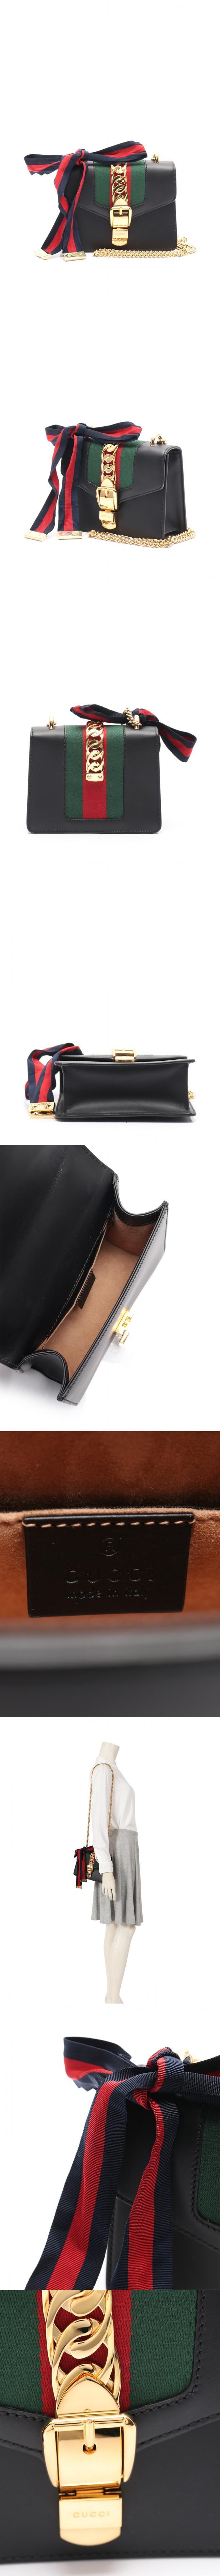 チェーンショルダーバッグ ポシェット シルヴィ ウェブライン 黒 緑 赤 ネイビー ゴールド 431666 レザー キャンバス